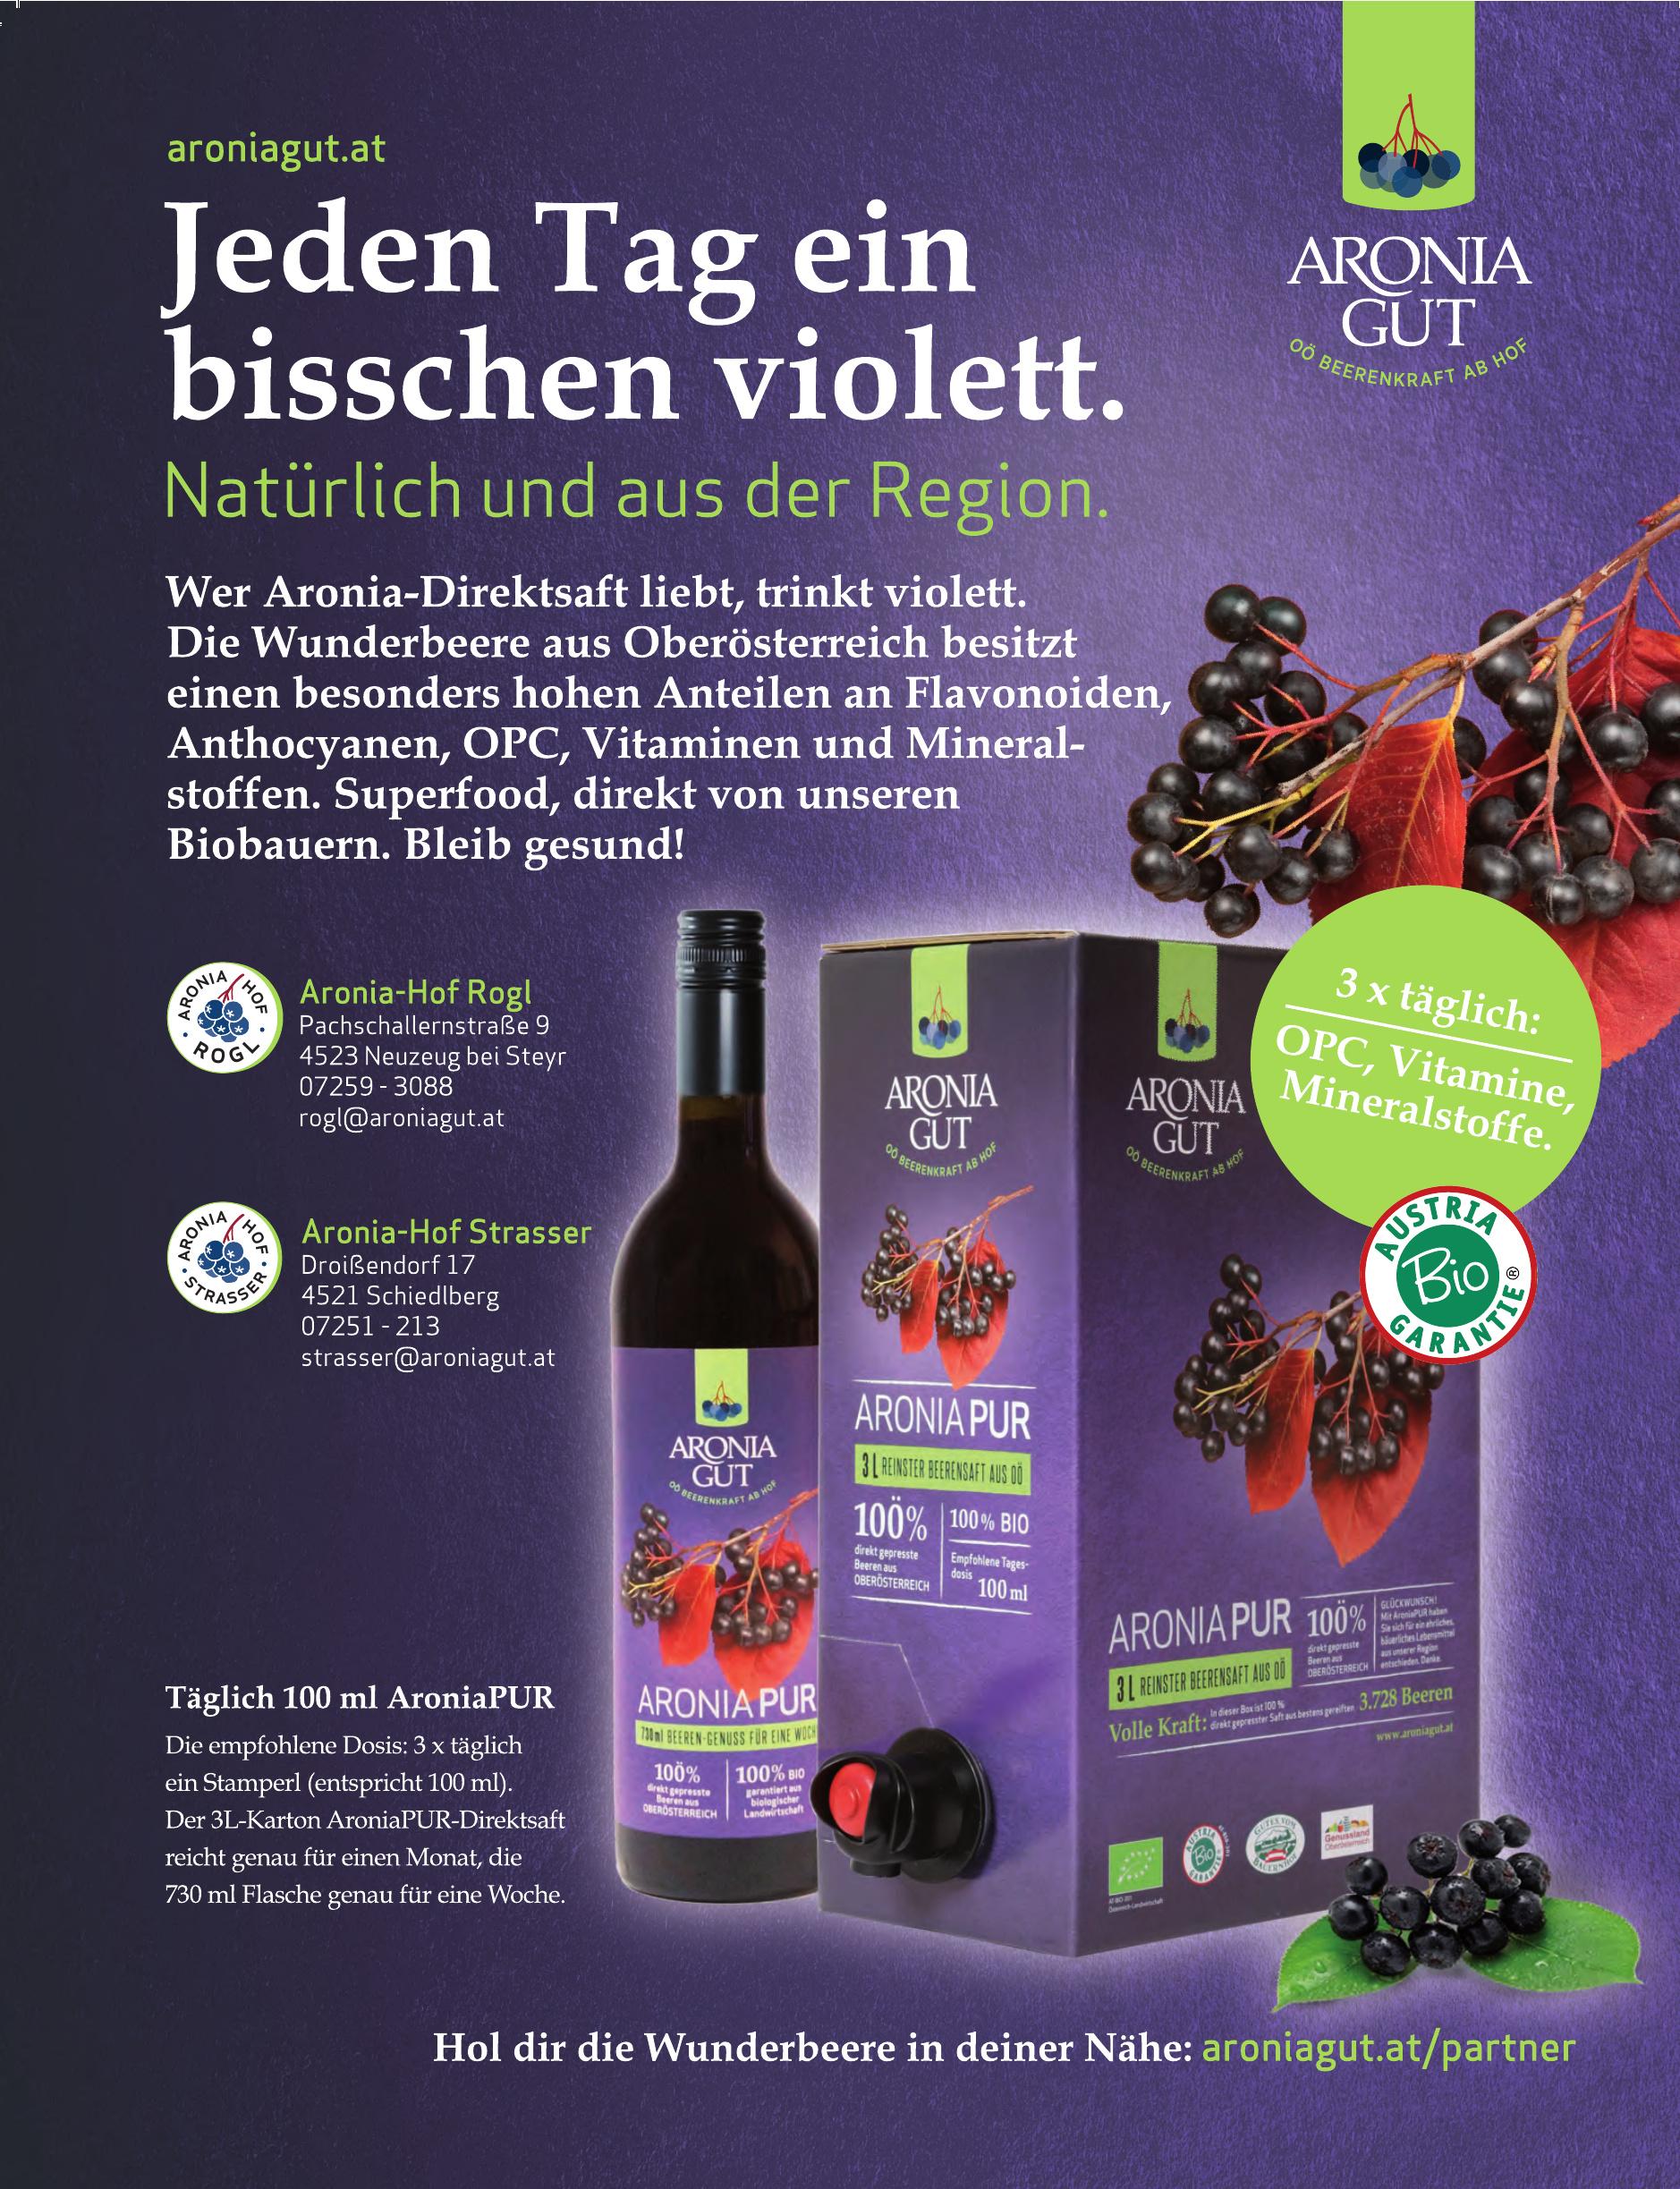 Aroniagut - Aronia-Hof Rogl